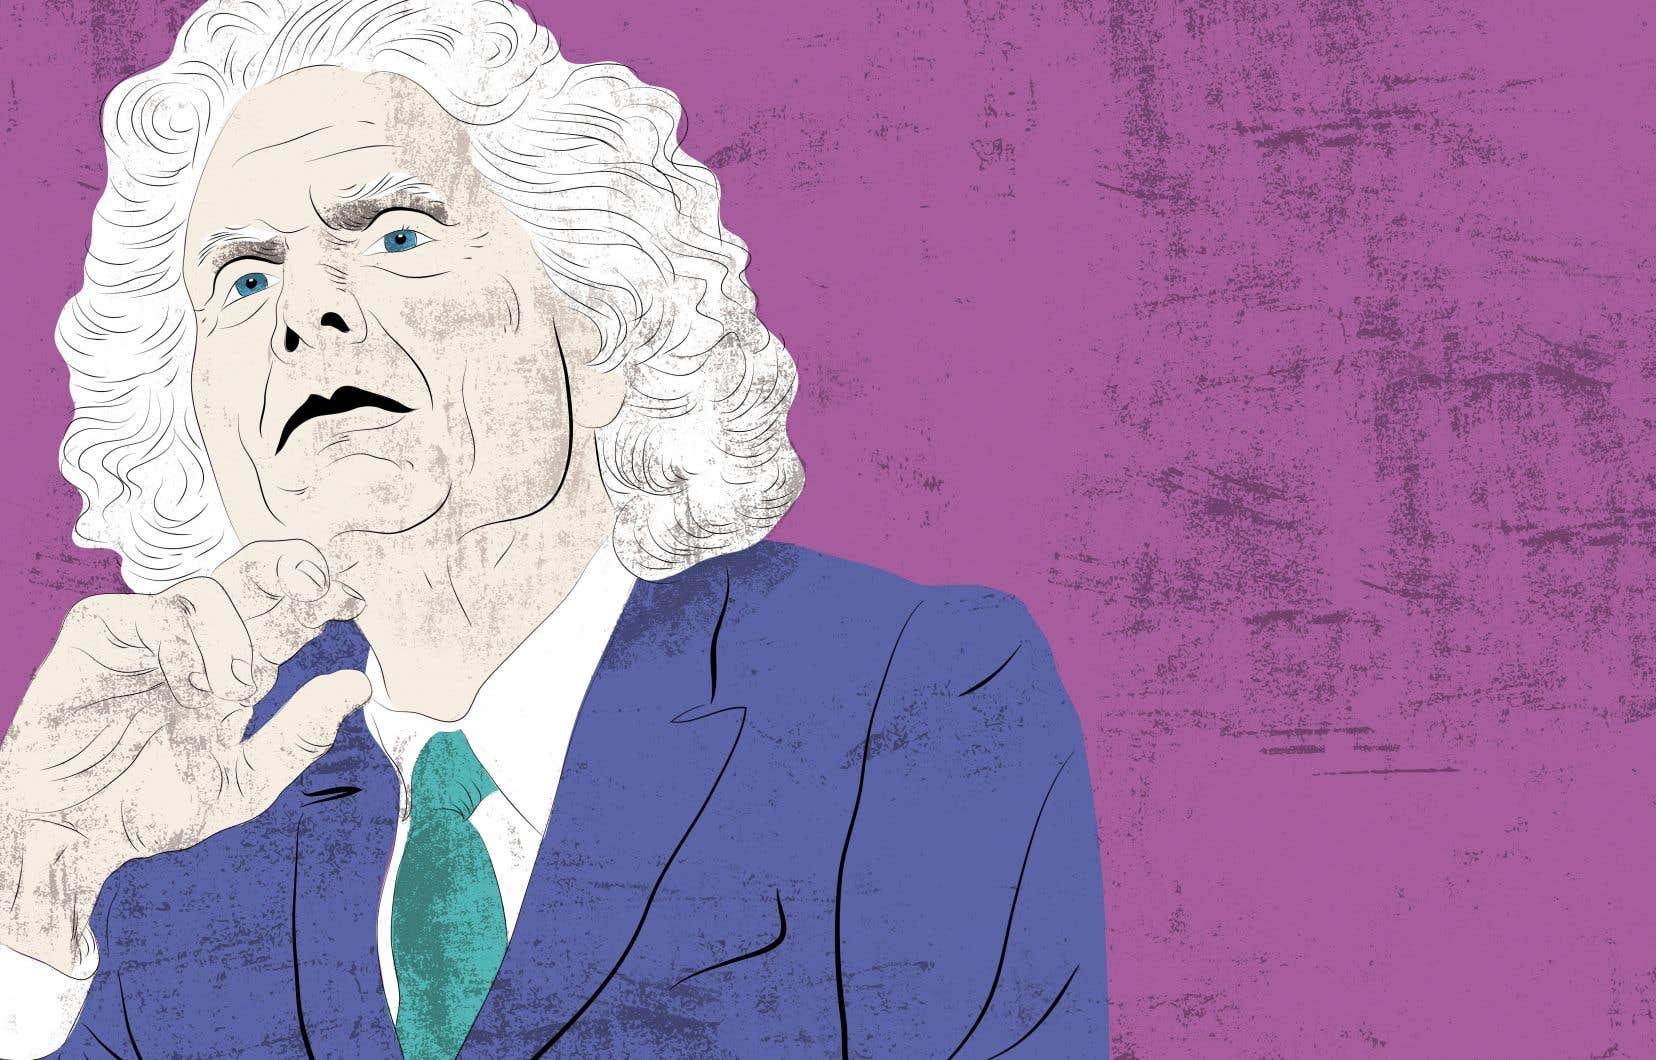 Pinker ne minimise pas la gravité de la crise environnementale. Il reconnaît la situation dangereuse dans laquelle s'est placée l'humanité par sa propre faute et ignore si les humains réussiront à s'en sortir. Mais il condamne le pessimisme. Tout comme il rejette aussi l'optimisme, qu'il estime tout aussi prétentieux.